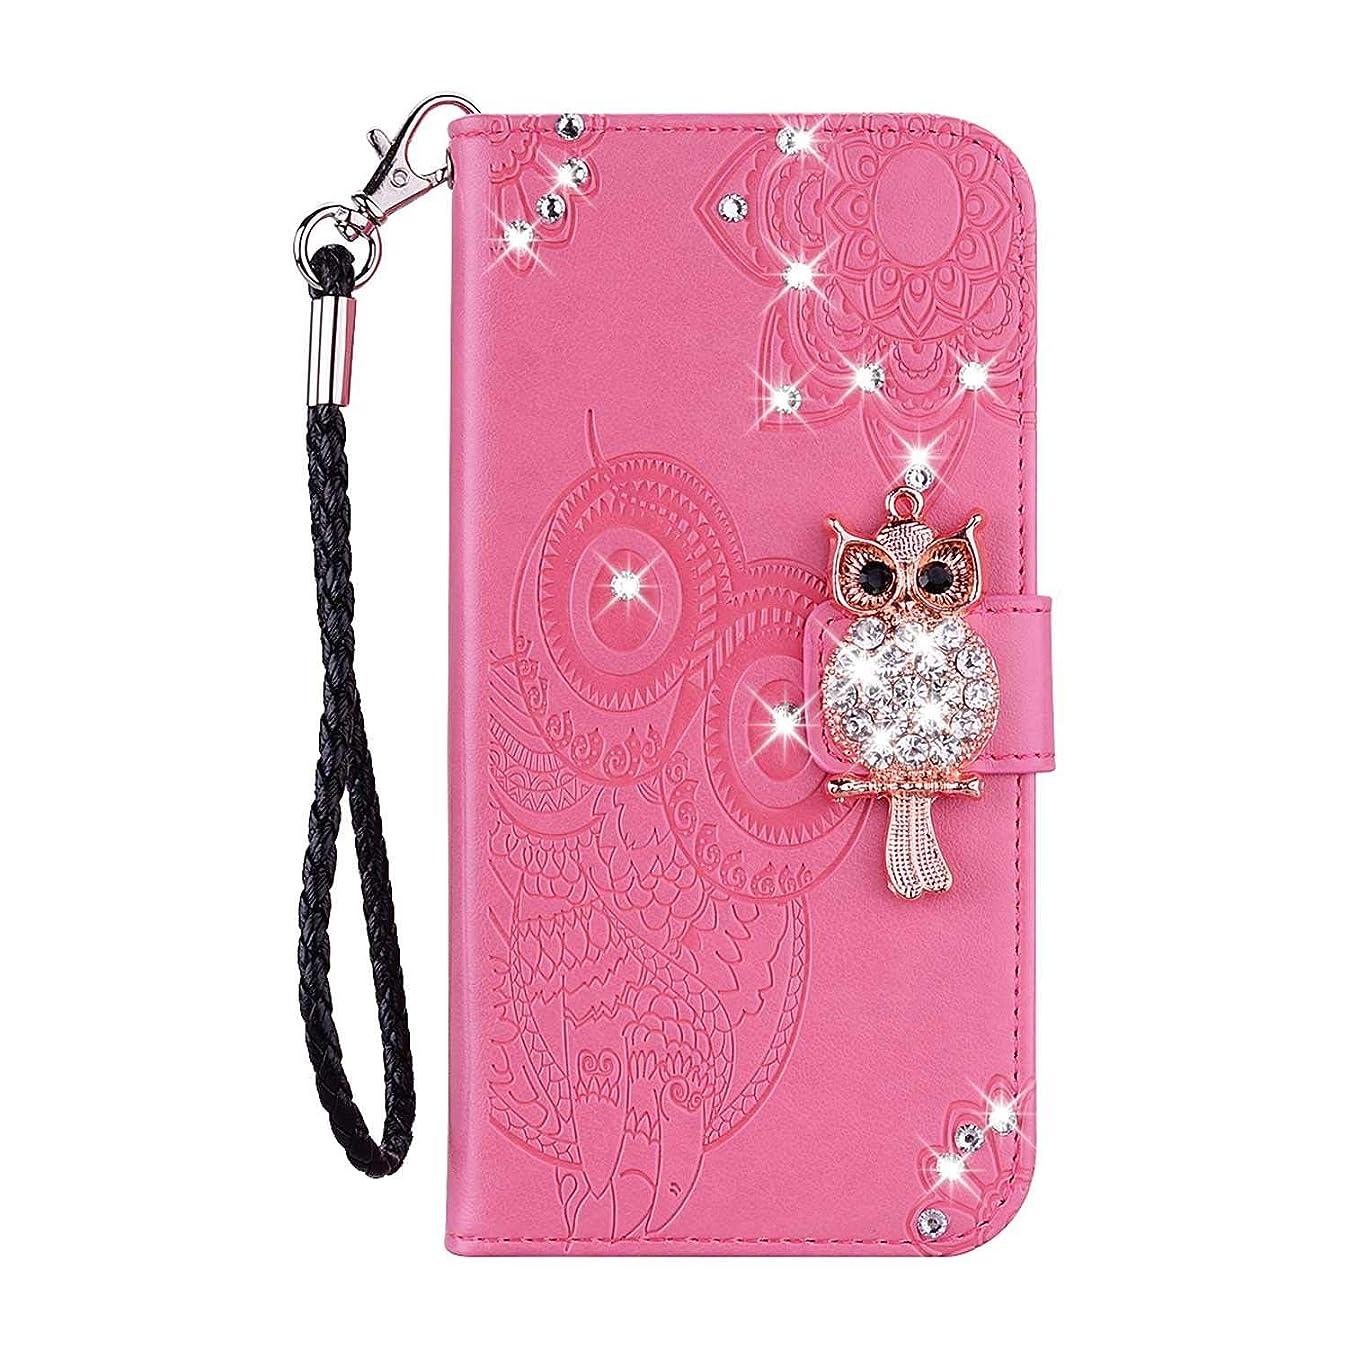 憂鬱なランドマークヒュームZeebox? Huawei P30 Lite ケース, PUレザー ケース 財布型 スタンド機能付き カバー マグネット開閉式 耐衝撃カバー, 可愛い フクロウシャイニークリスタルマグネットバックル 女性向 スマートフォンケース, ピンク